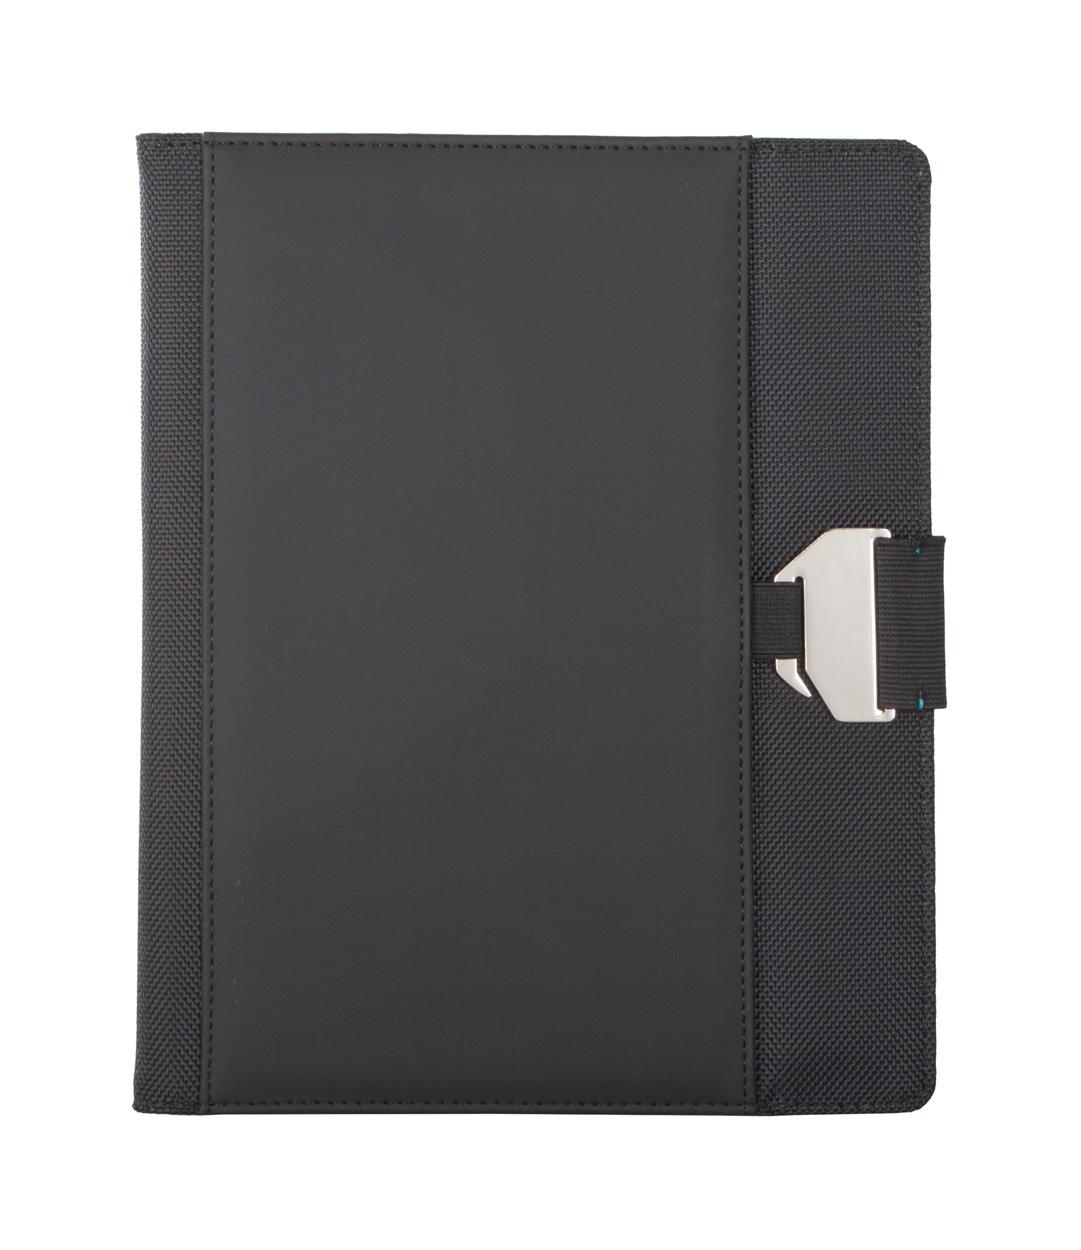 Hike Tablet iPad® document folder